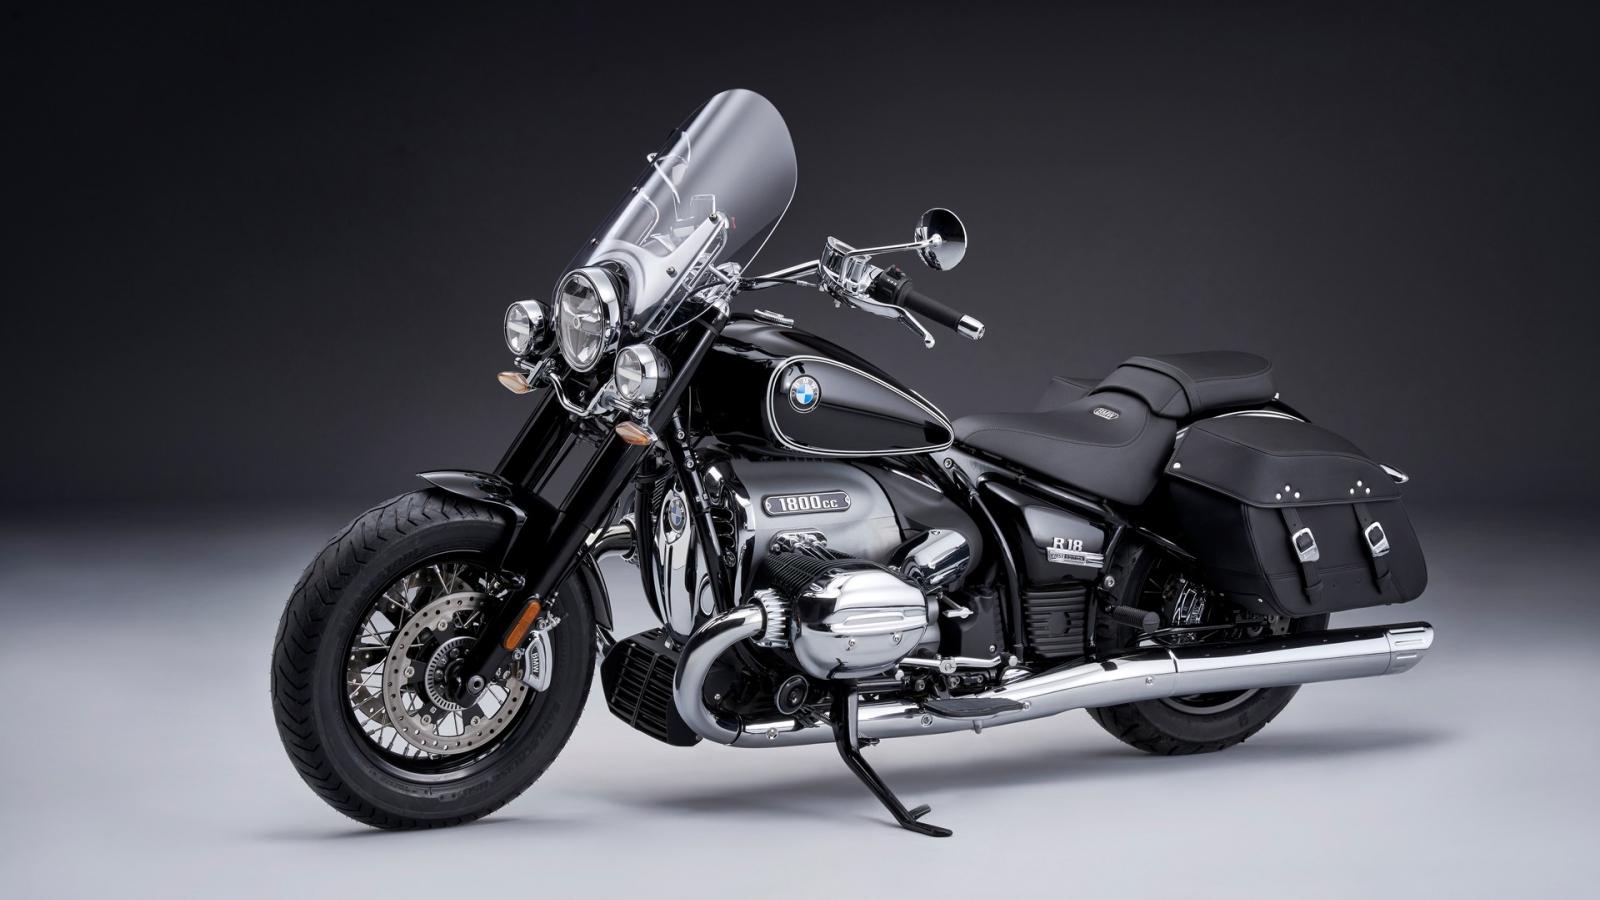 BMW giới thiệu chiếc R18 Classic mới và dòng R nineT được cập nhật